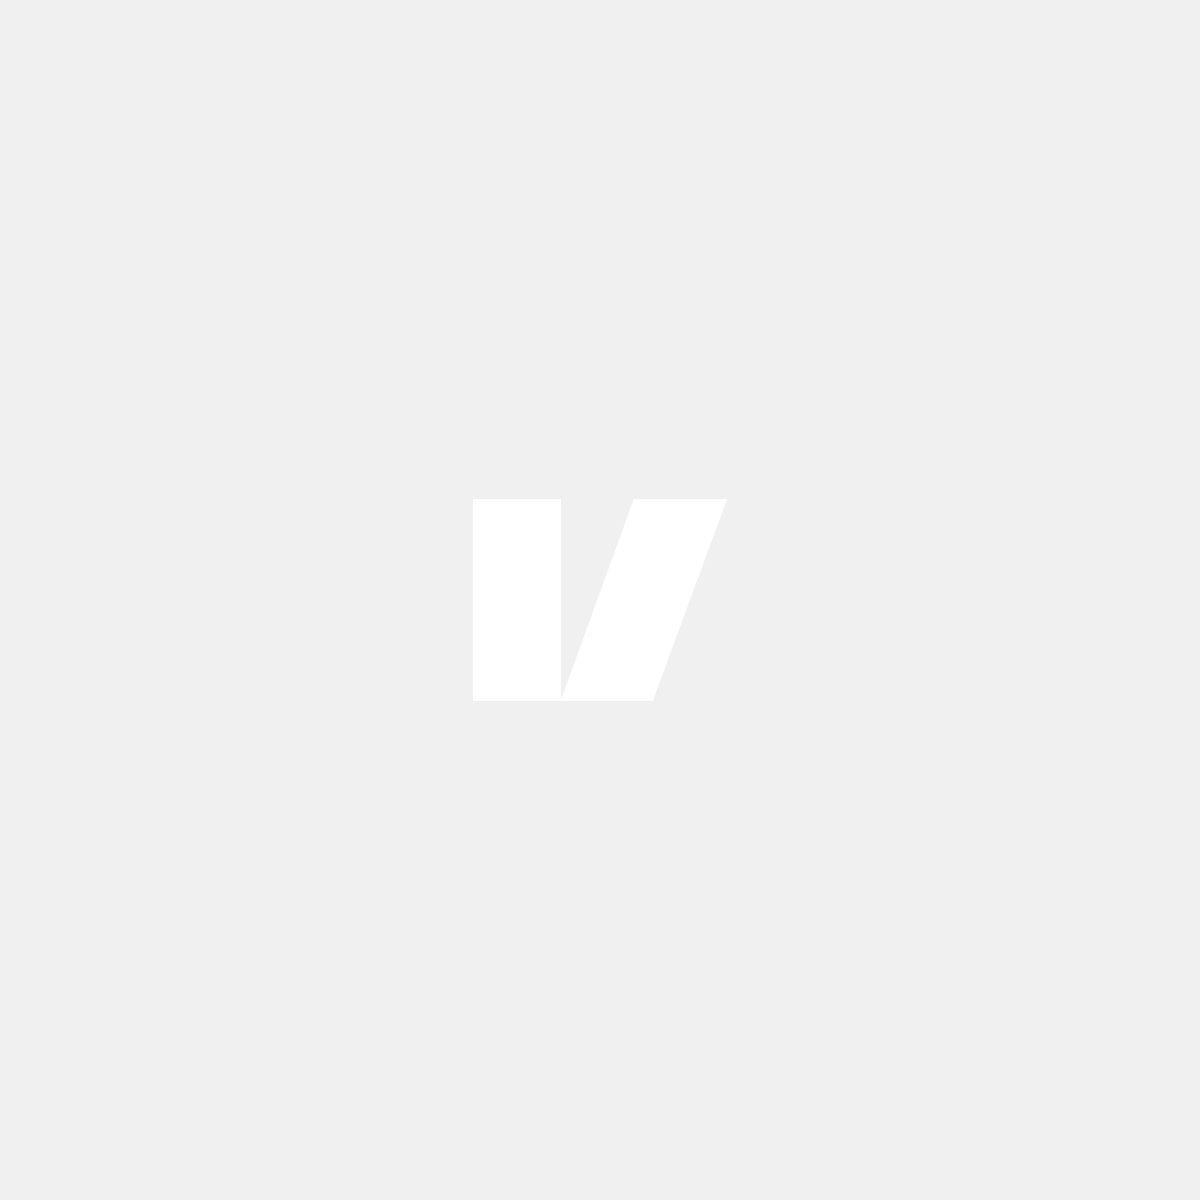 JR Sportluftfilter till Volvo S60, S80, V70, XC70